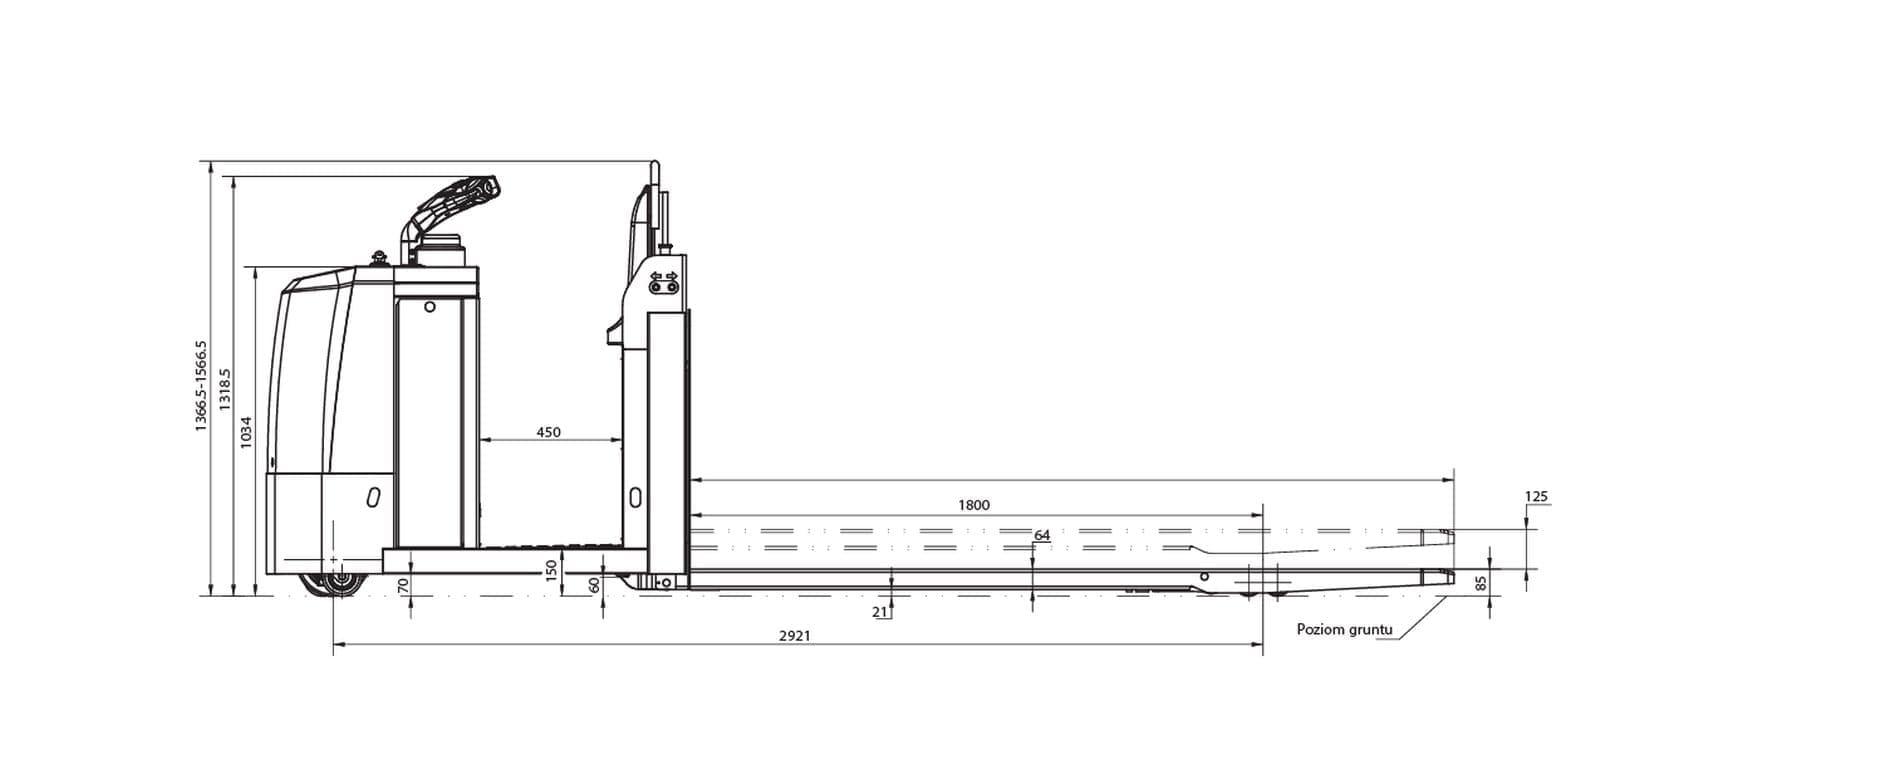 nisko-unoszacy-wozek-do-kompletacji-seria-A-2500-z1